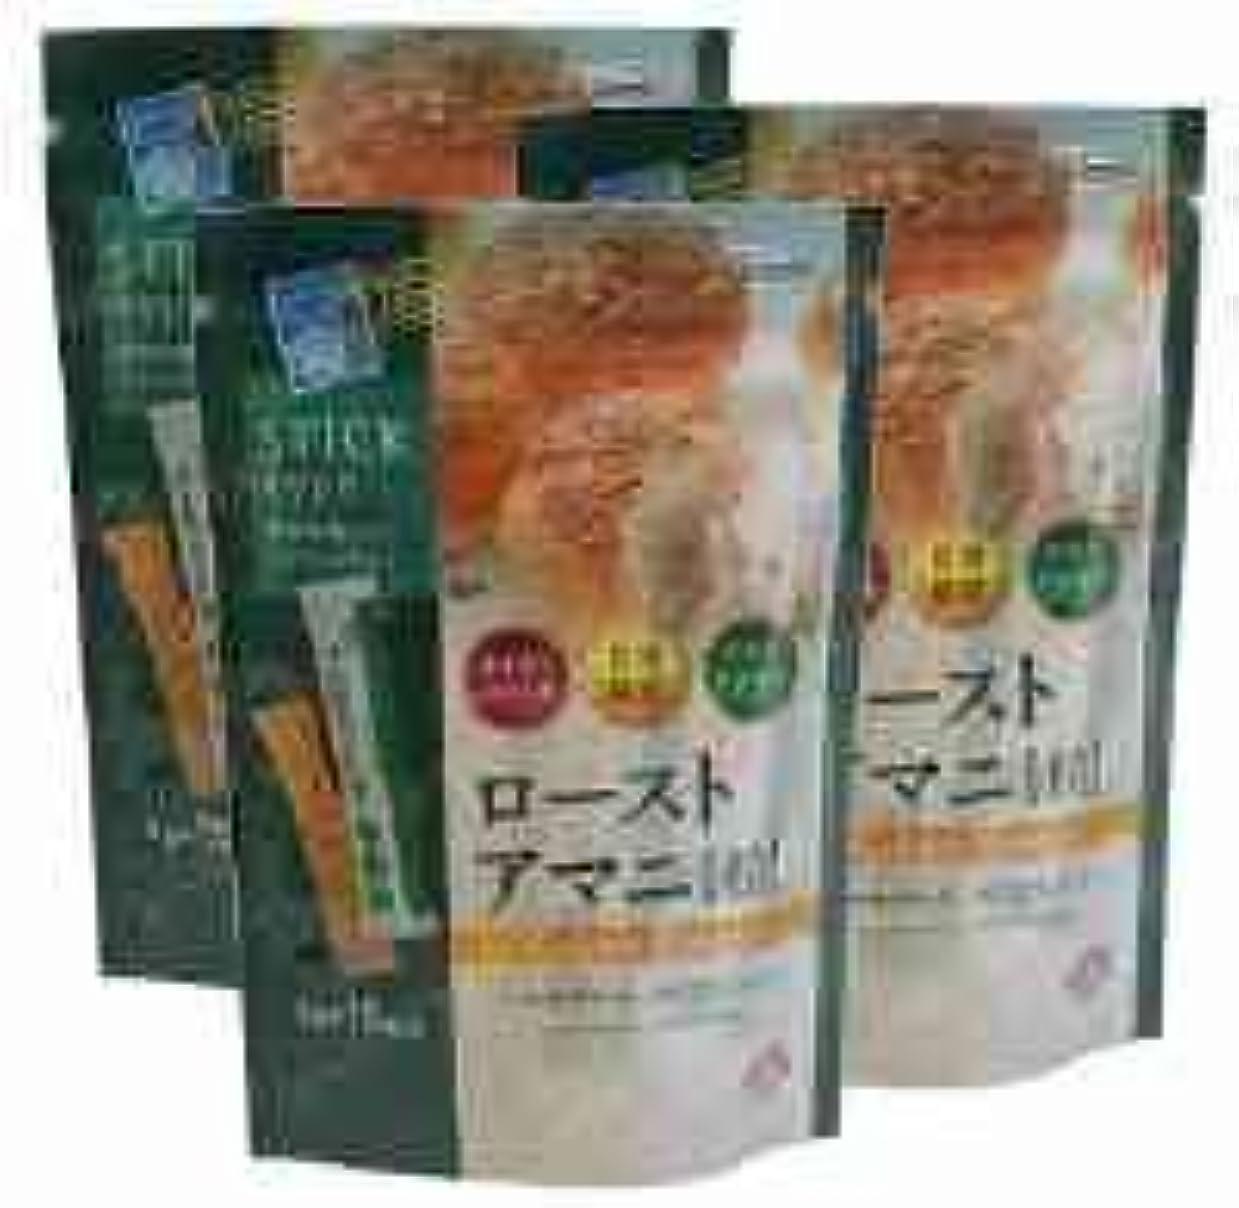 枢機卿人工パキスタンローストアマニ粒【3袋セット】日本製粉